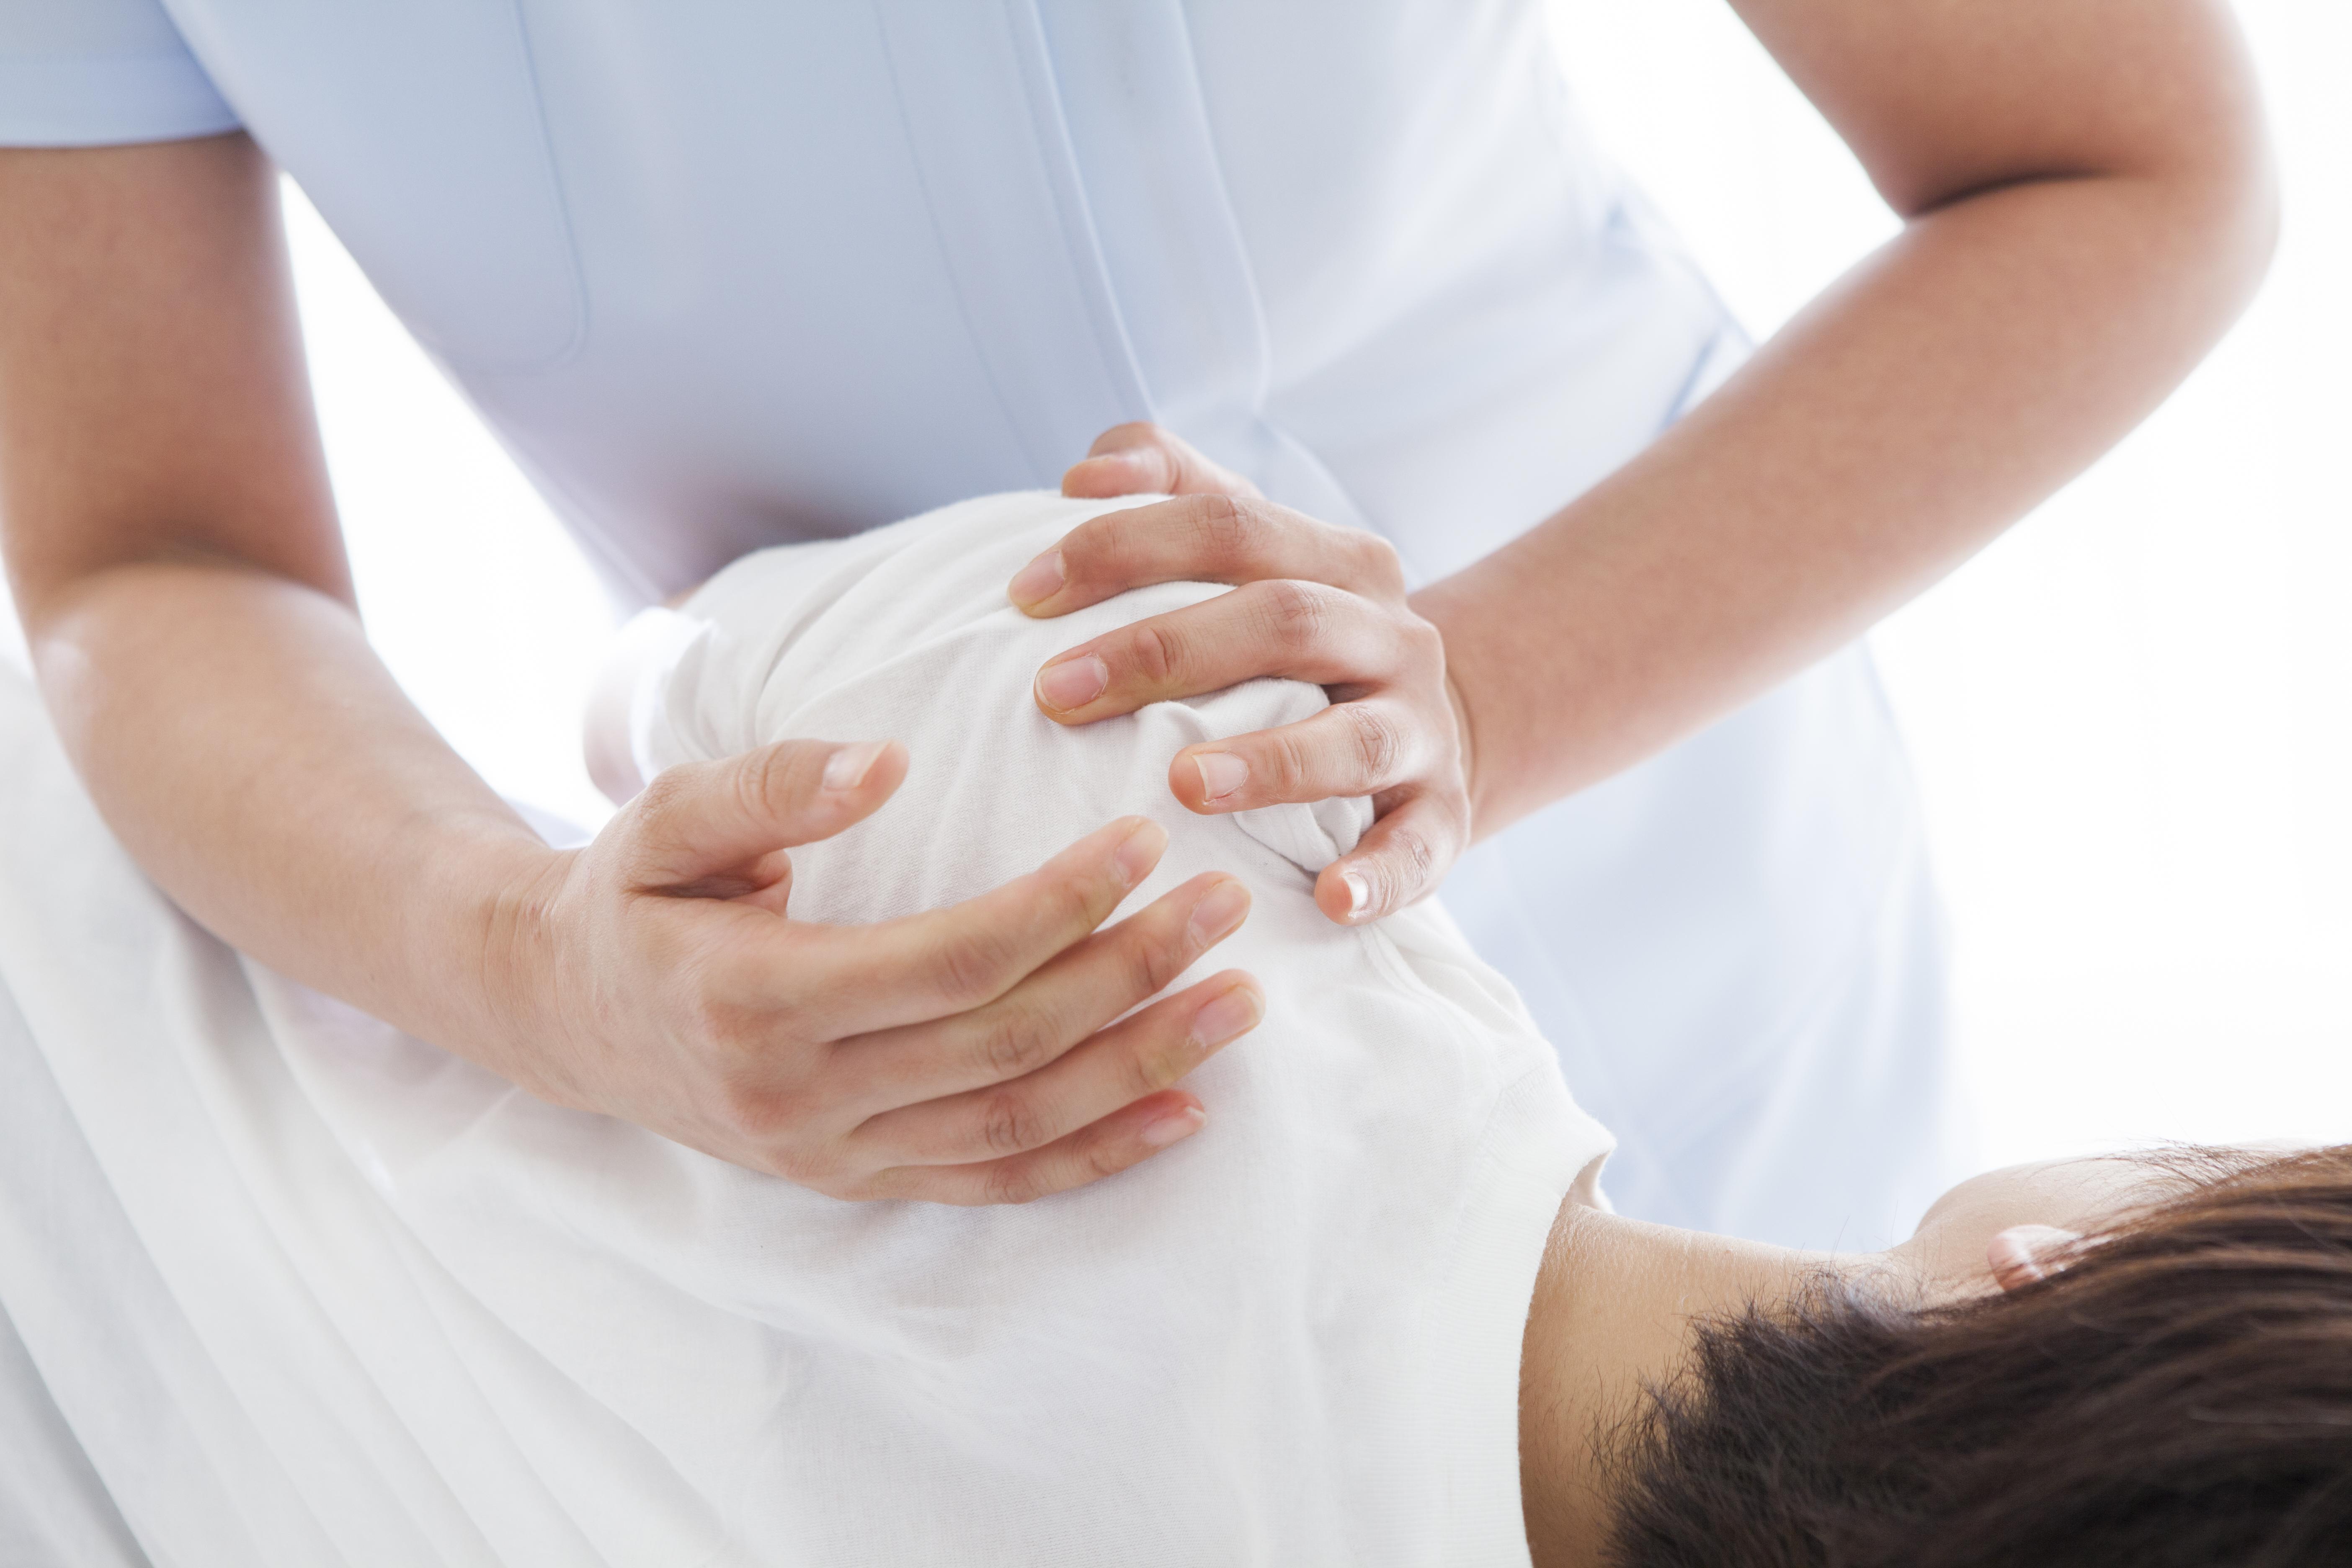 半年前から続く朝起きたときの強い肩の痛みが1ヶ月で改善(肩こり改善事例1)40代女性 (五反田 鍼灸院)